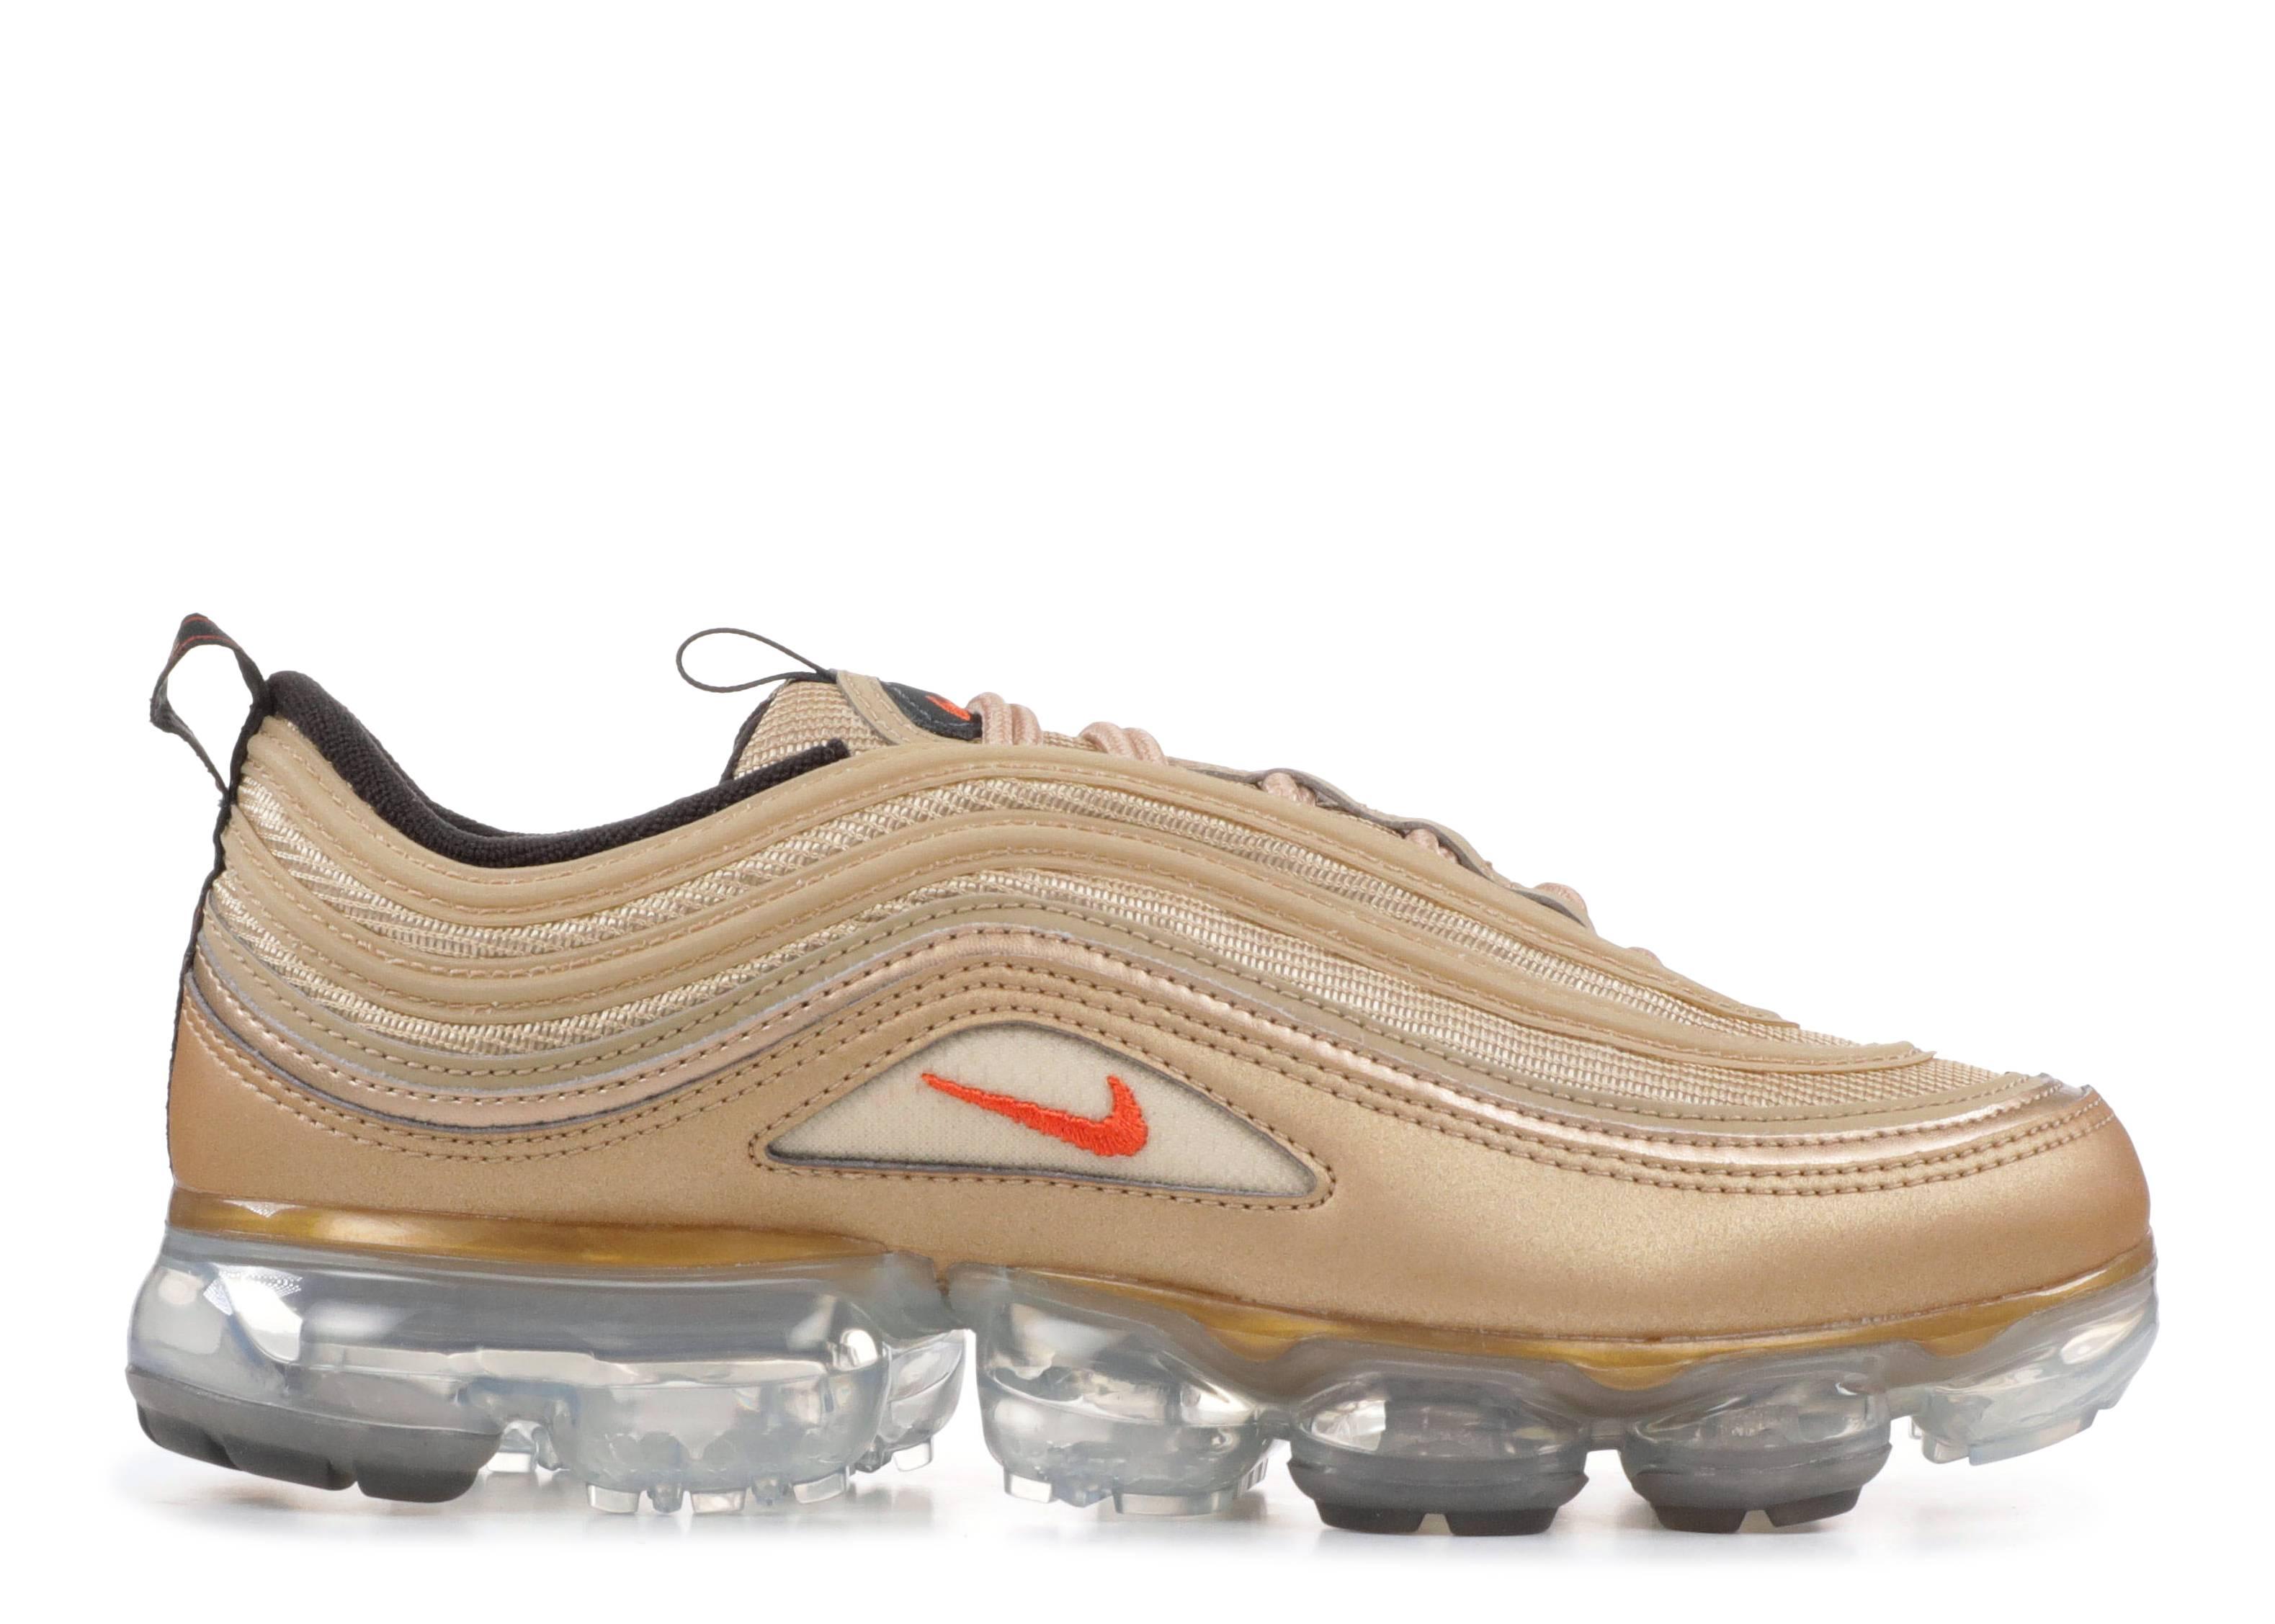 42d93411f2ab5 W Air Vapormax 97 - Nike - ao4542 902 - blur vintage coral ...